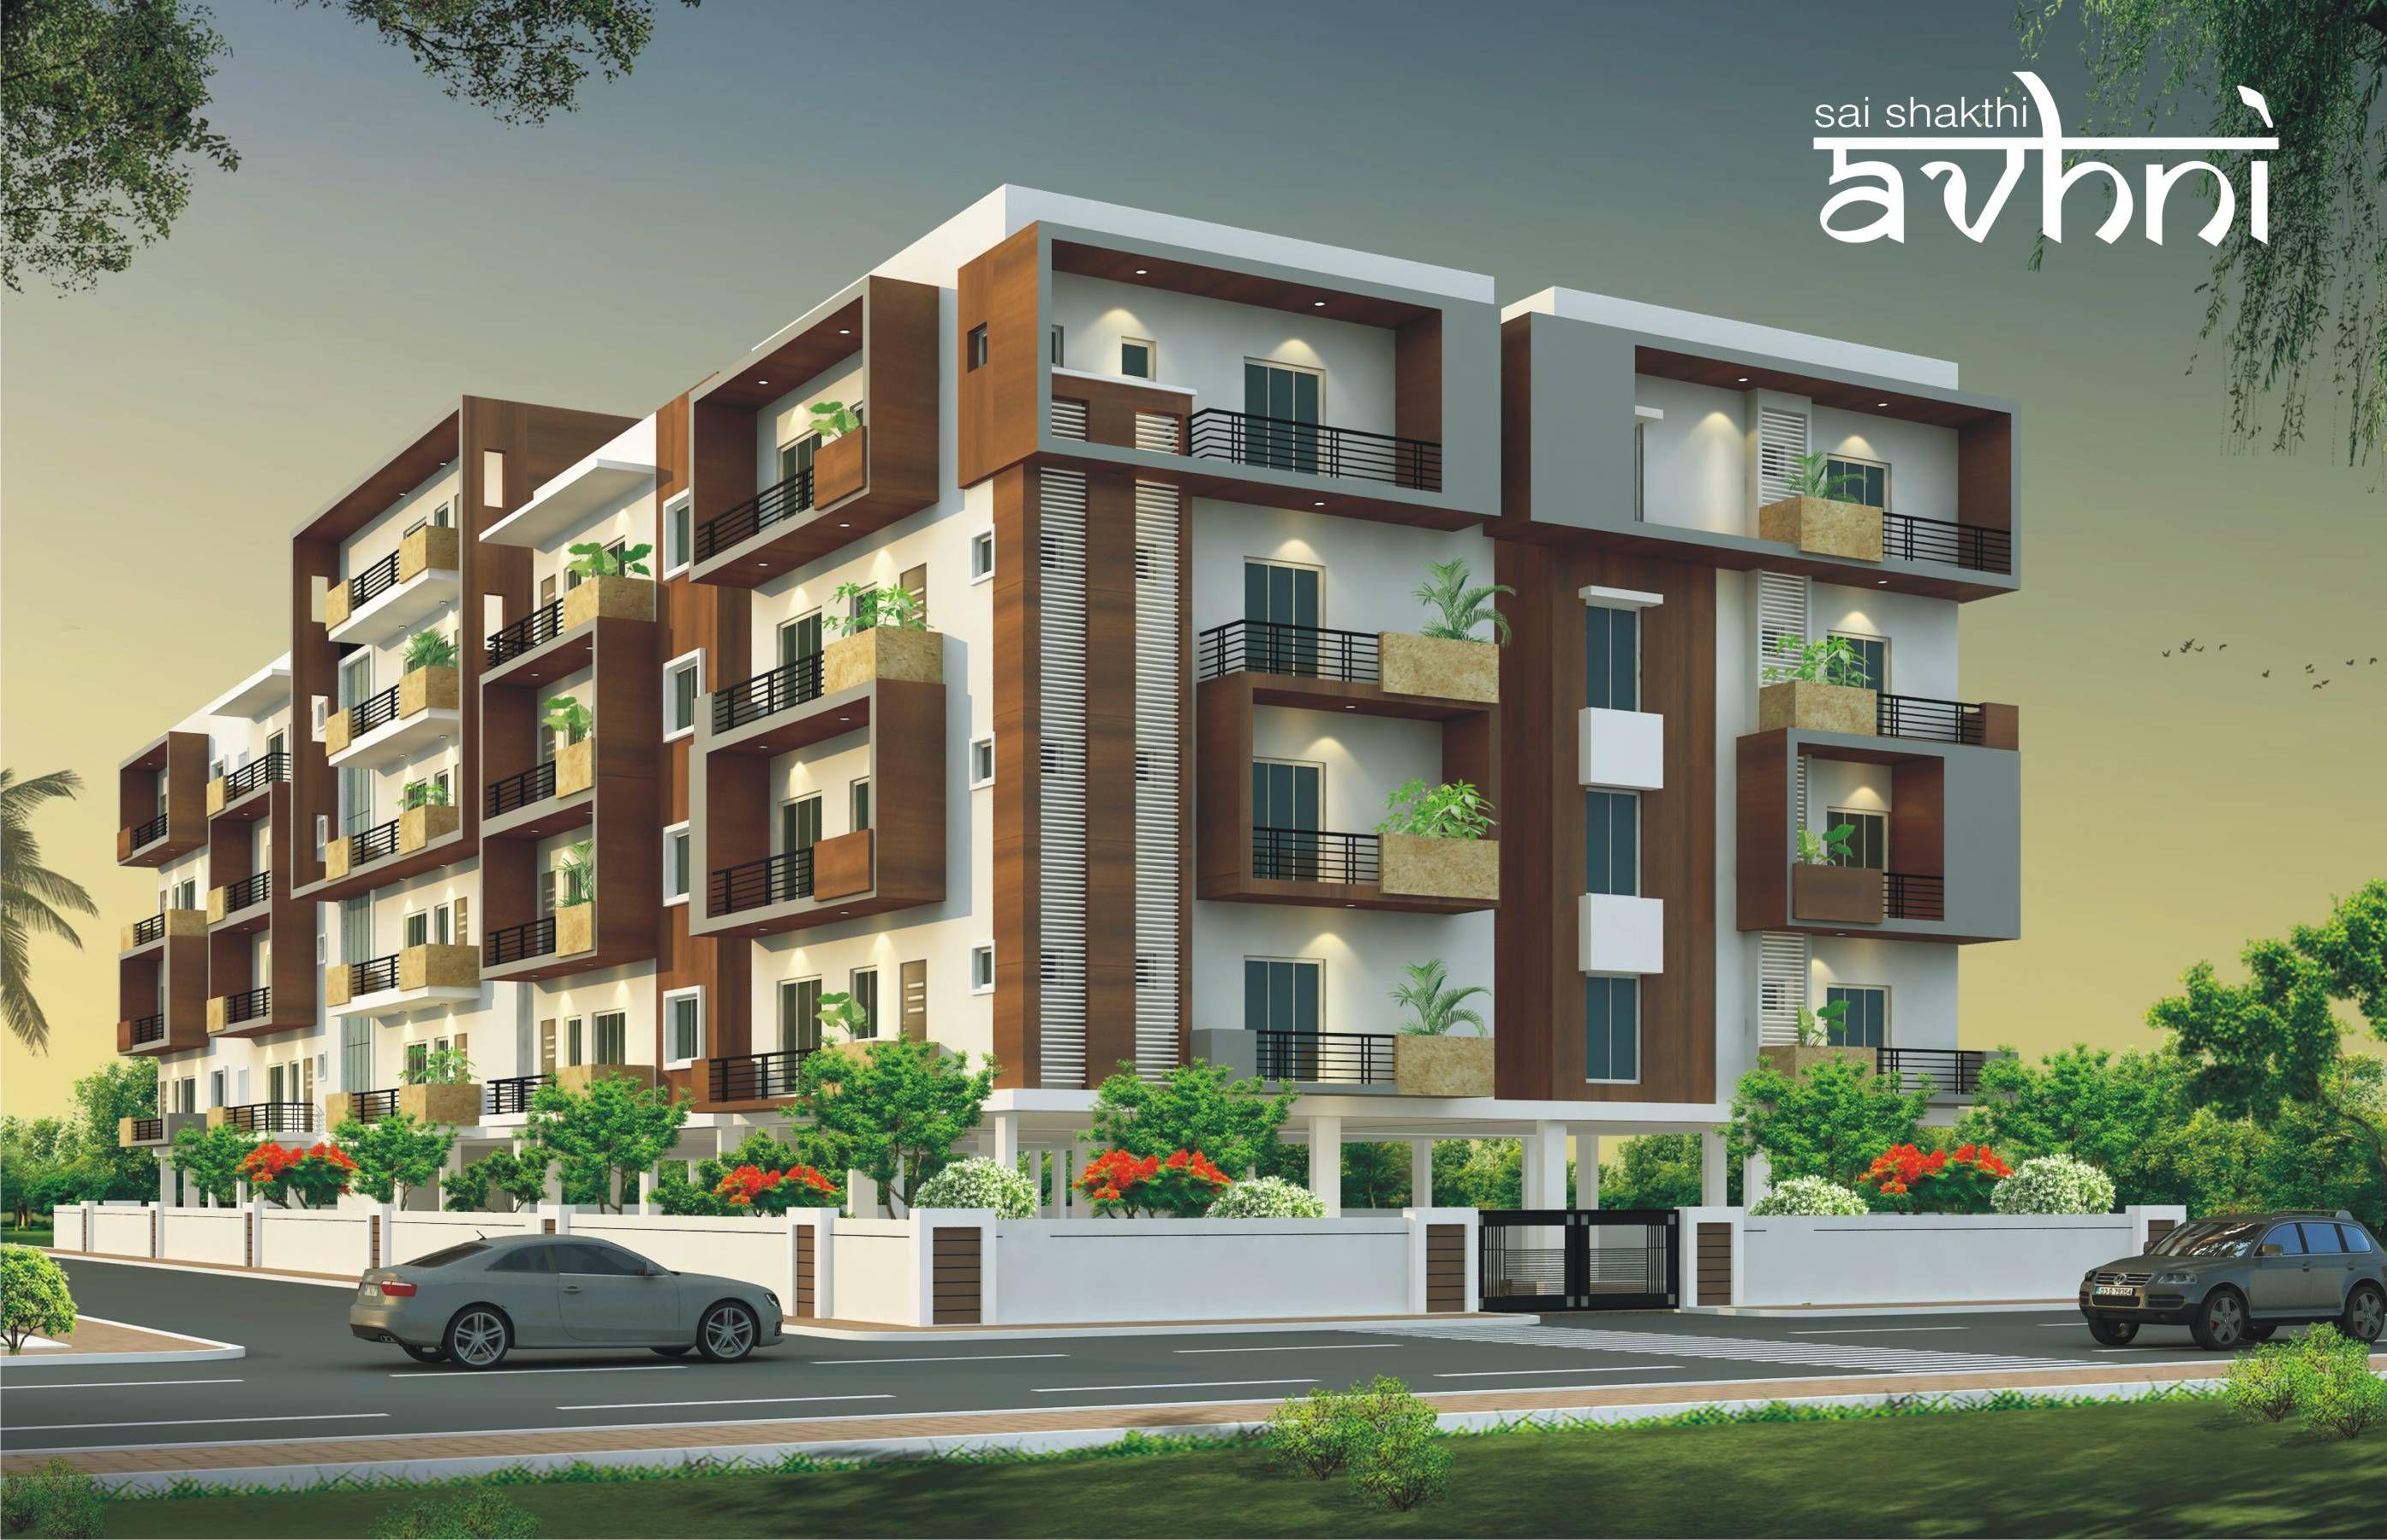 Sai Shakthi Avhni 2BHK 3BHK Apartments sale off Srirampuram ...